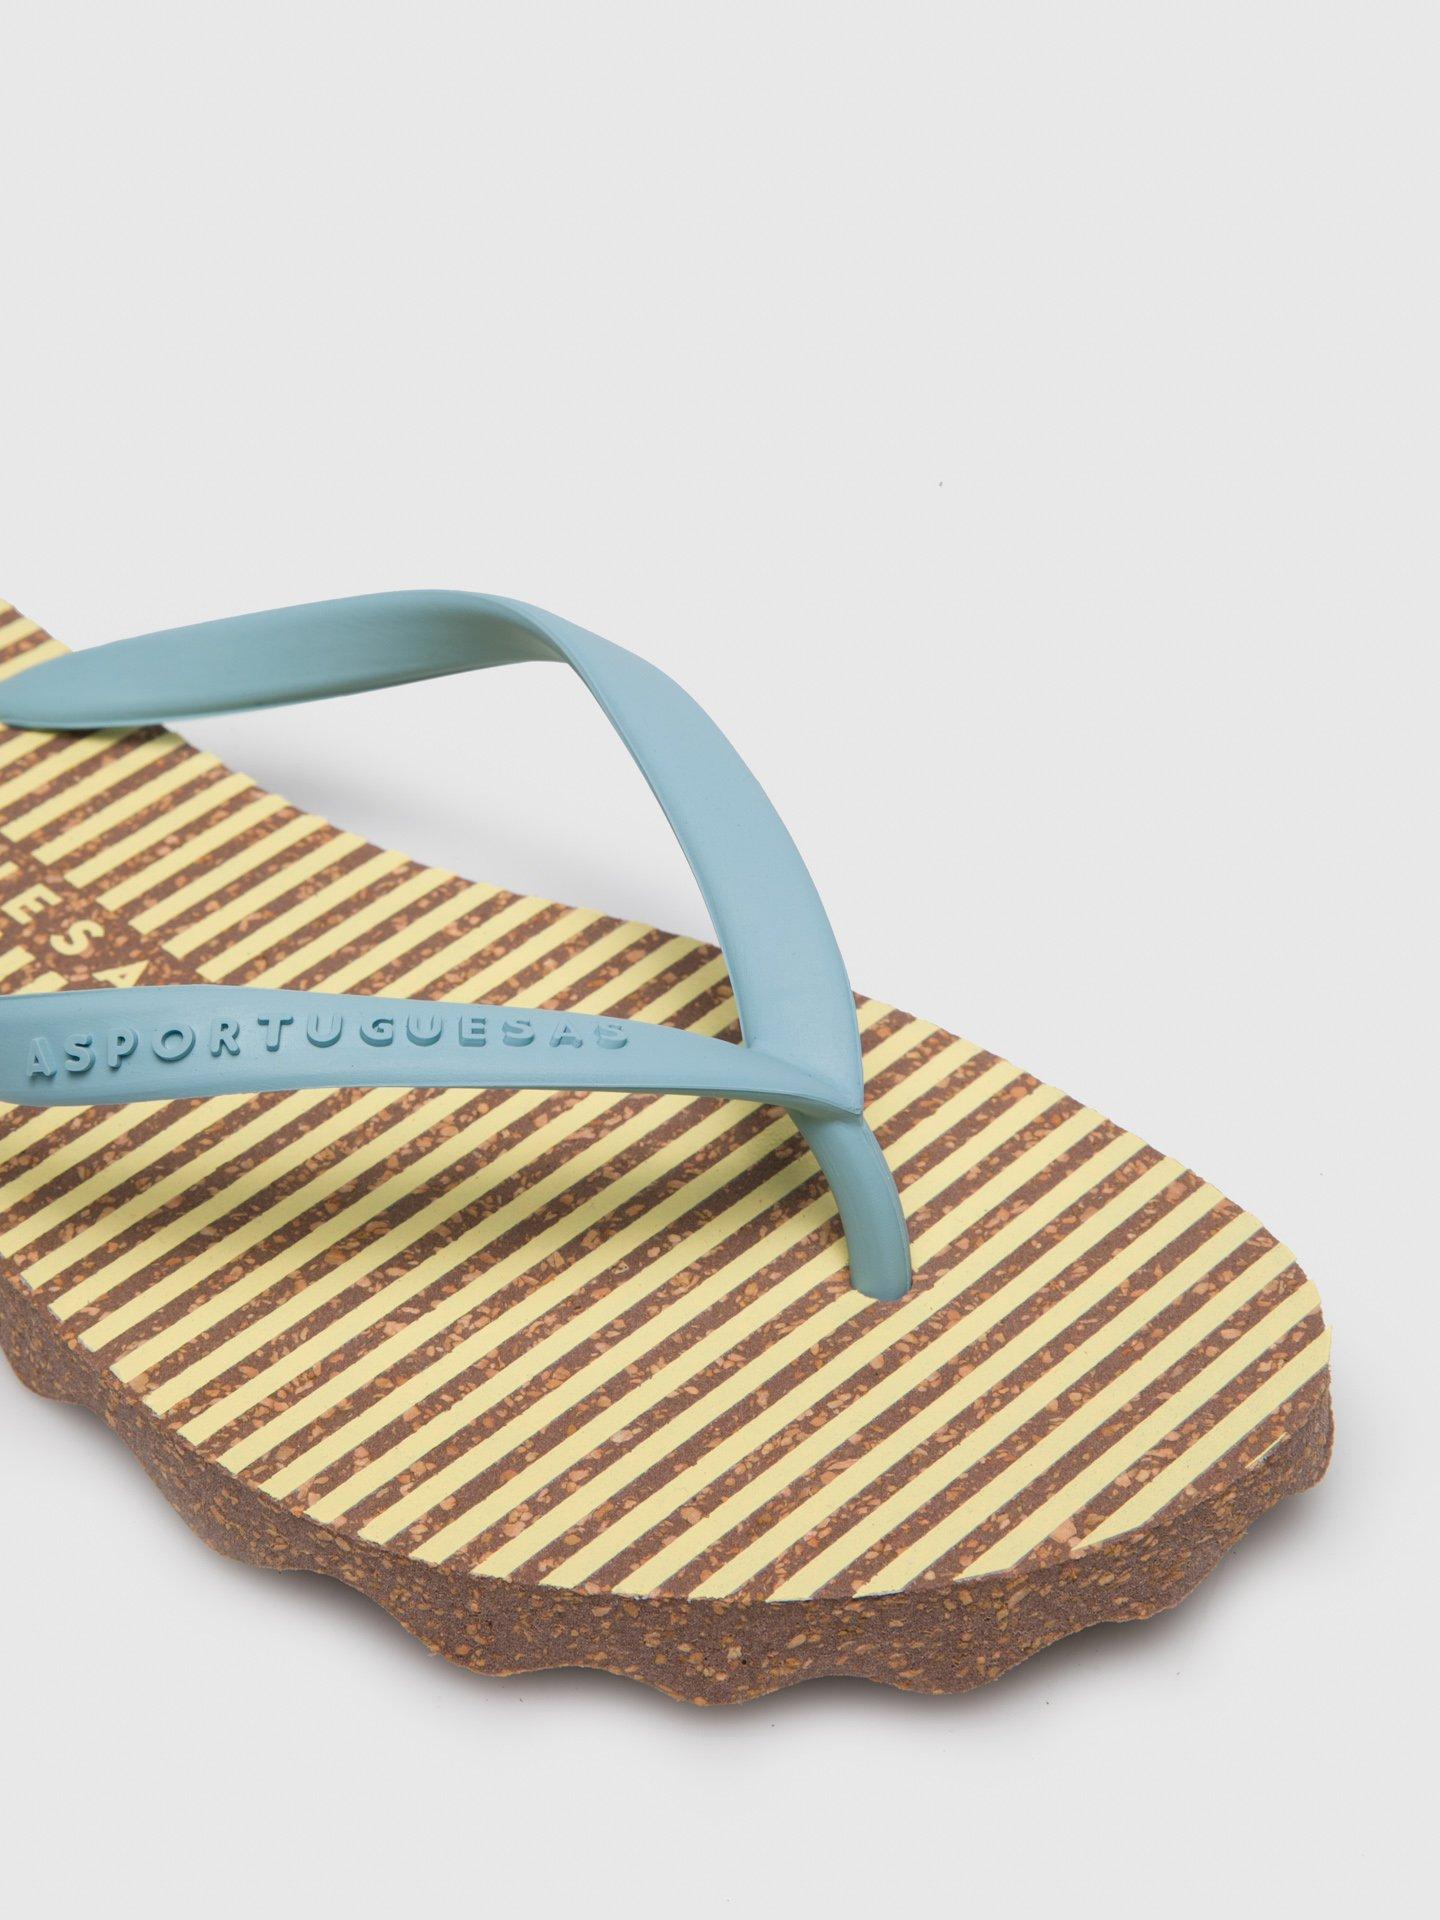 Os chinelos de ASPORTUGUESAS são os elegantes, confortáveis e conscientes! São feito em cortiça e borracha natural. Fabricados em Portugal.